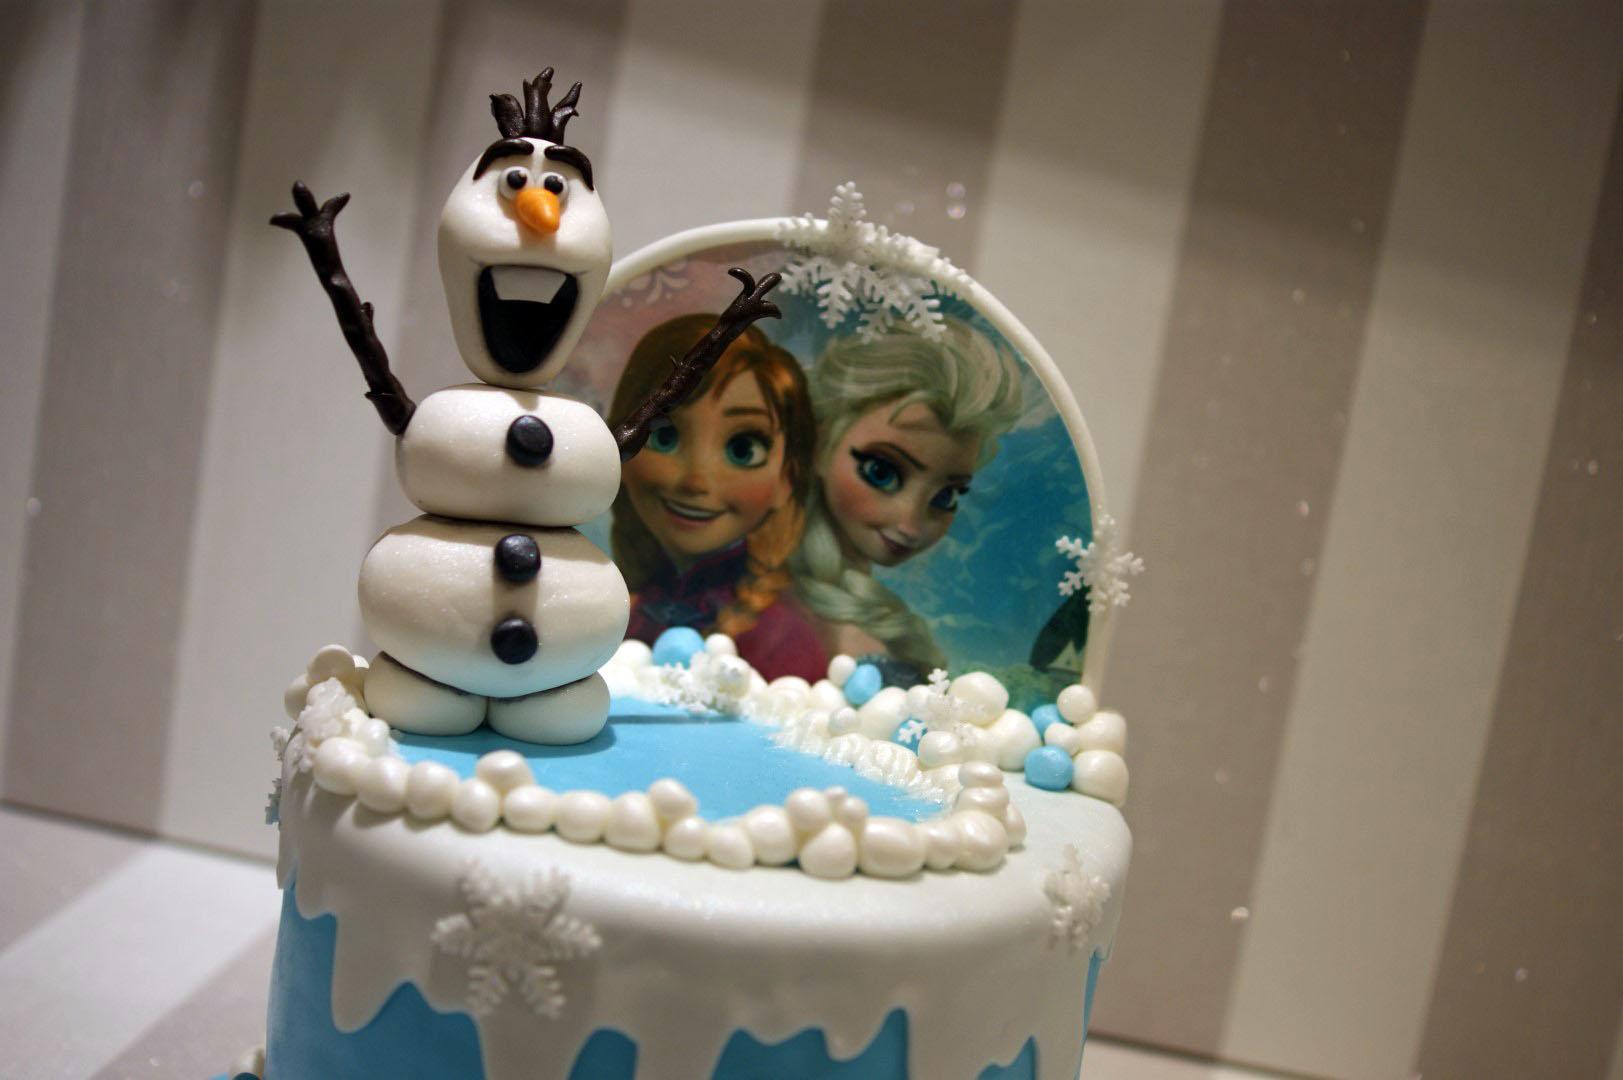 Disney Frozen Olaf Elsa Ana Birthday Cake